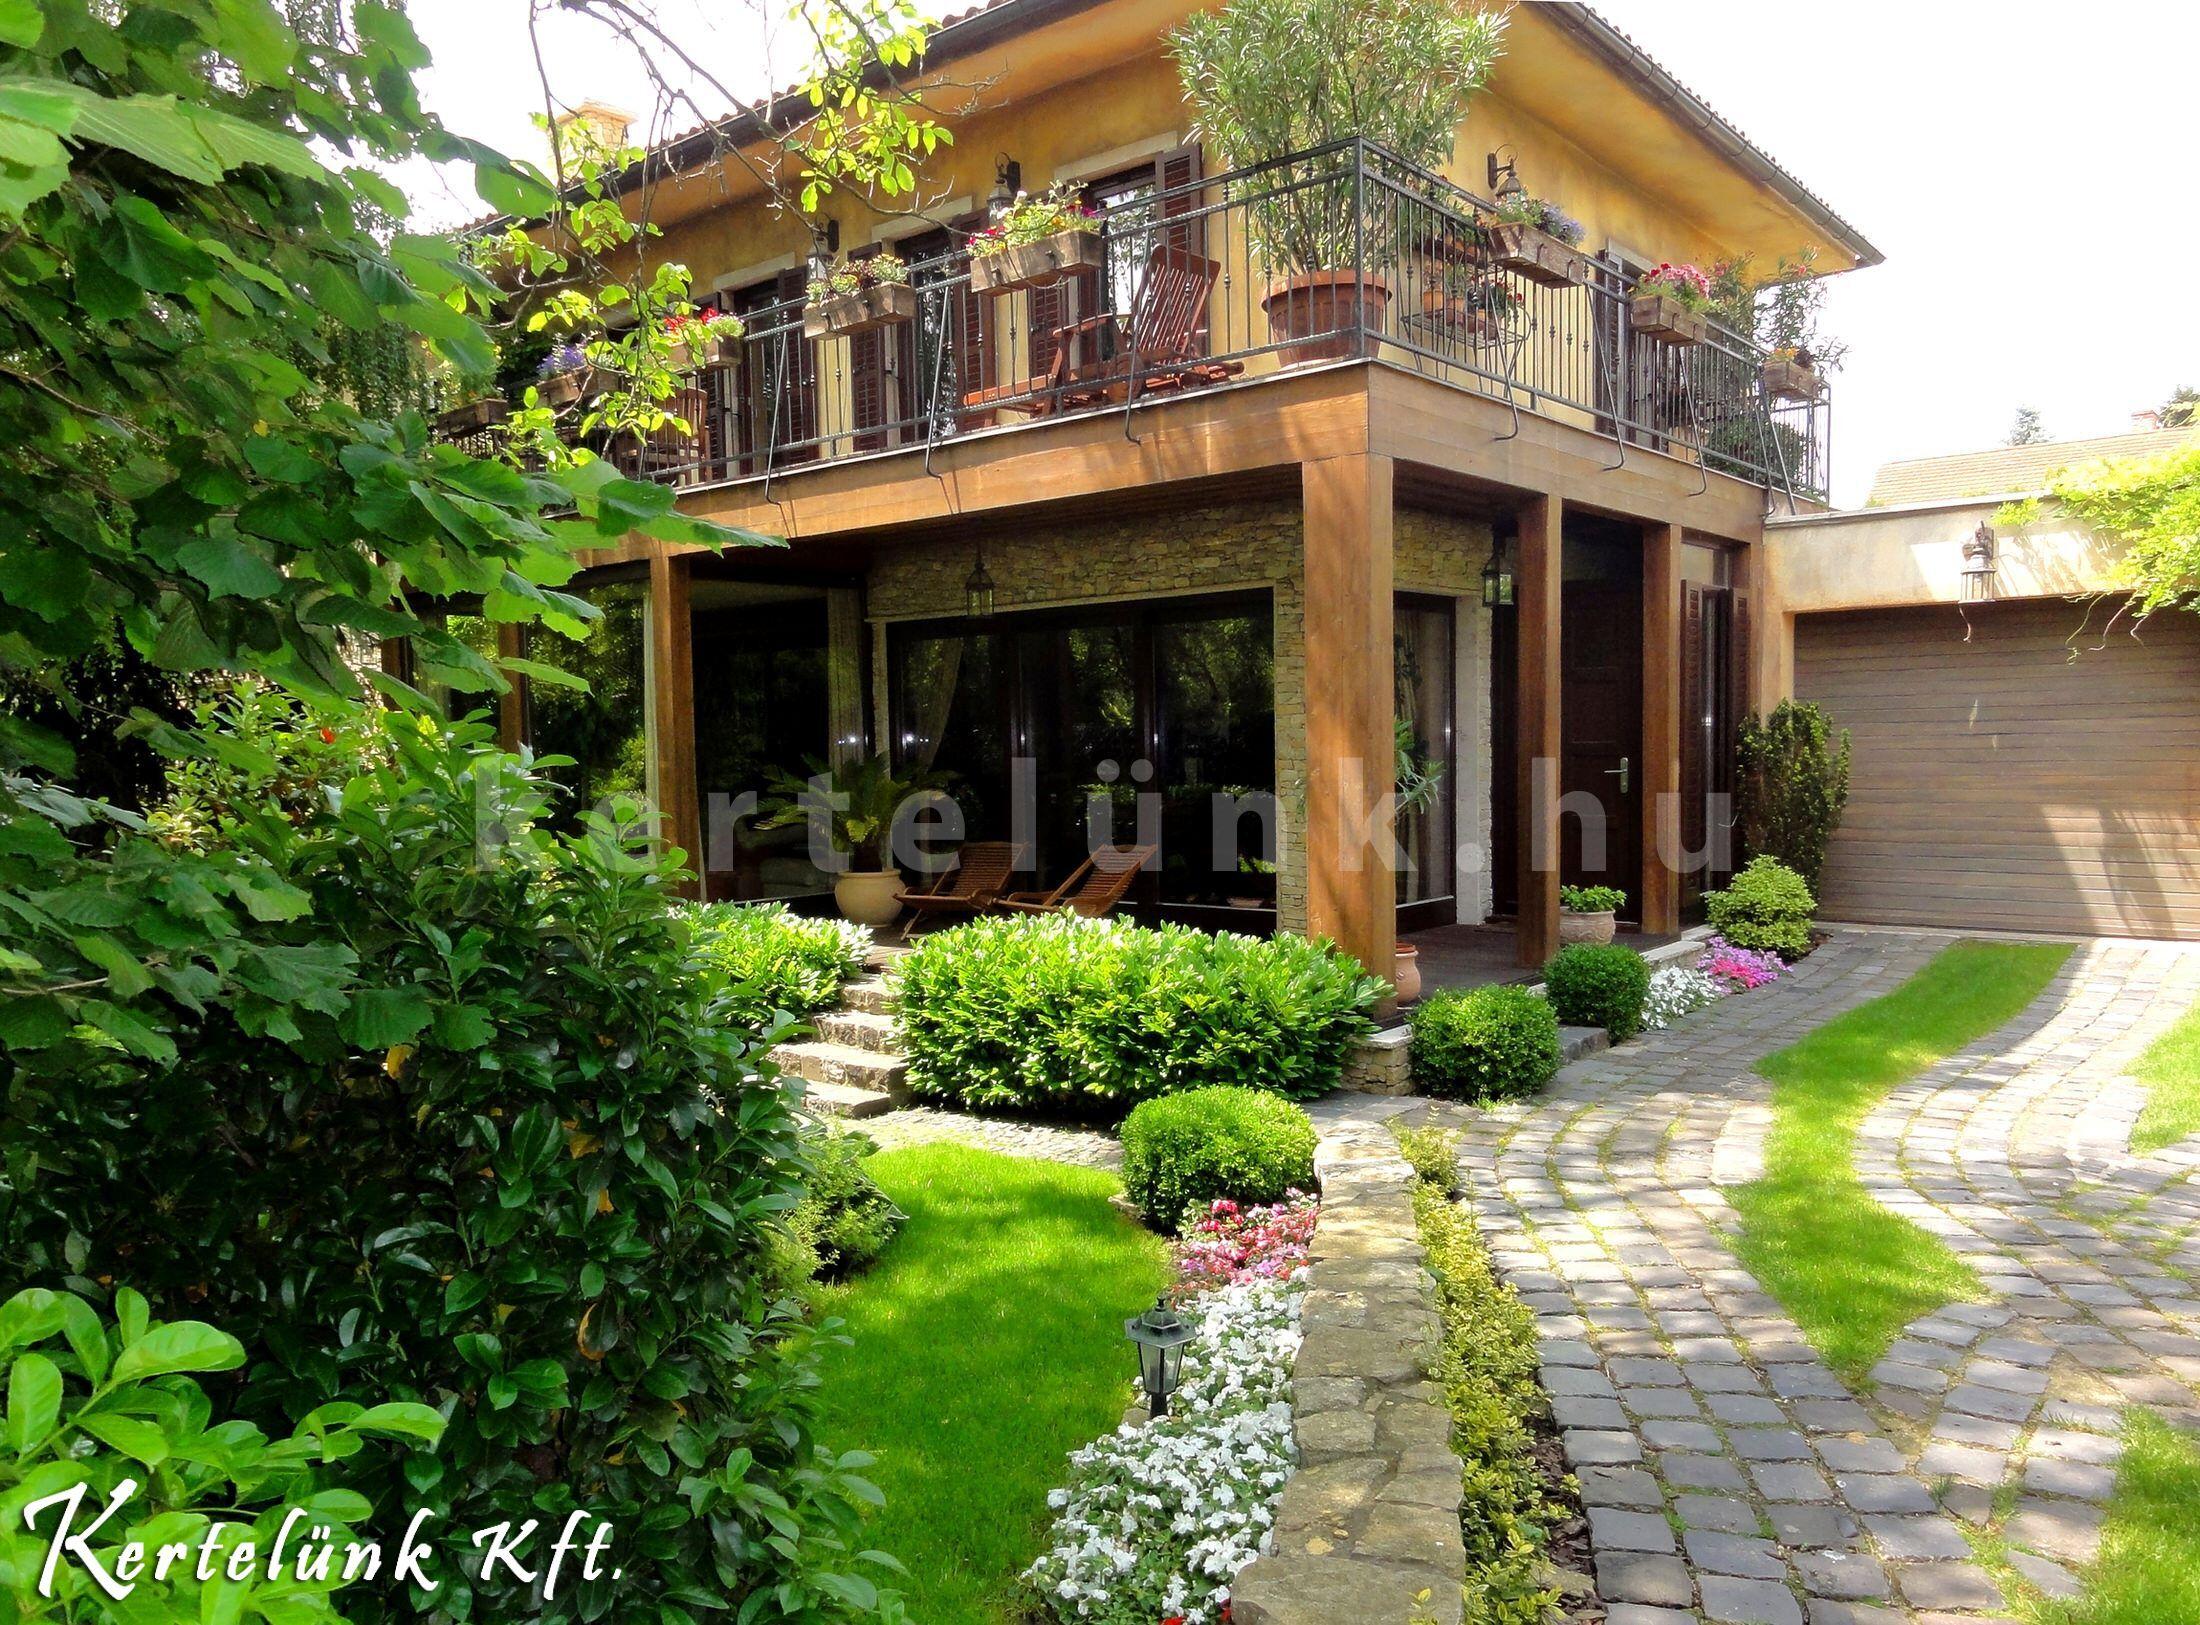 Szép mediterrán ház.